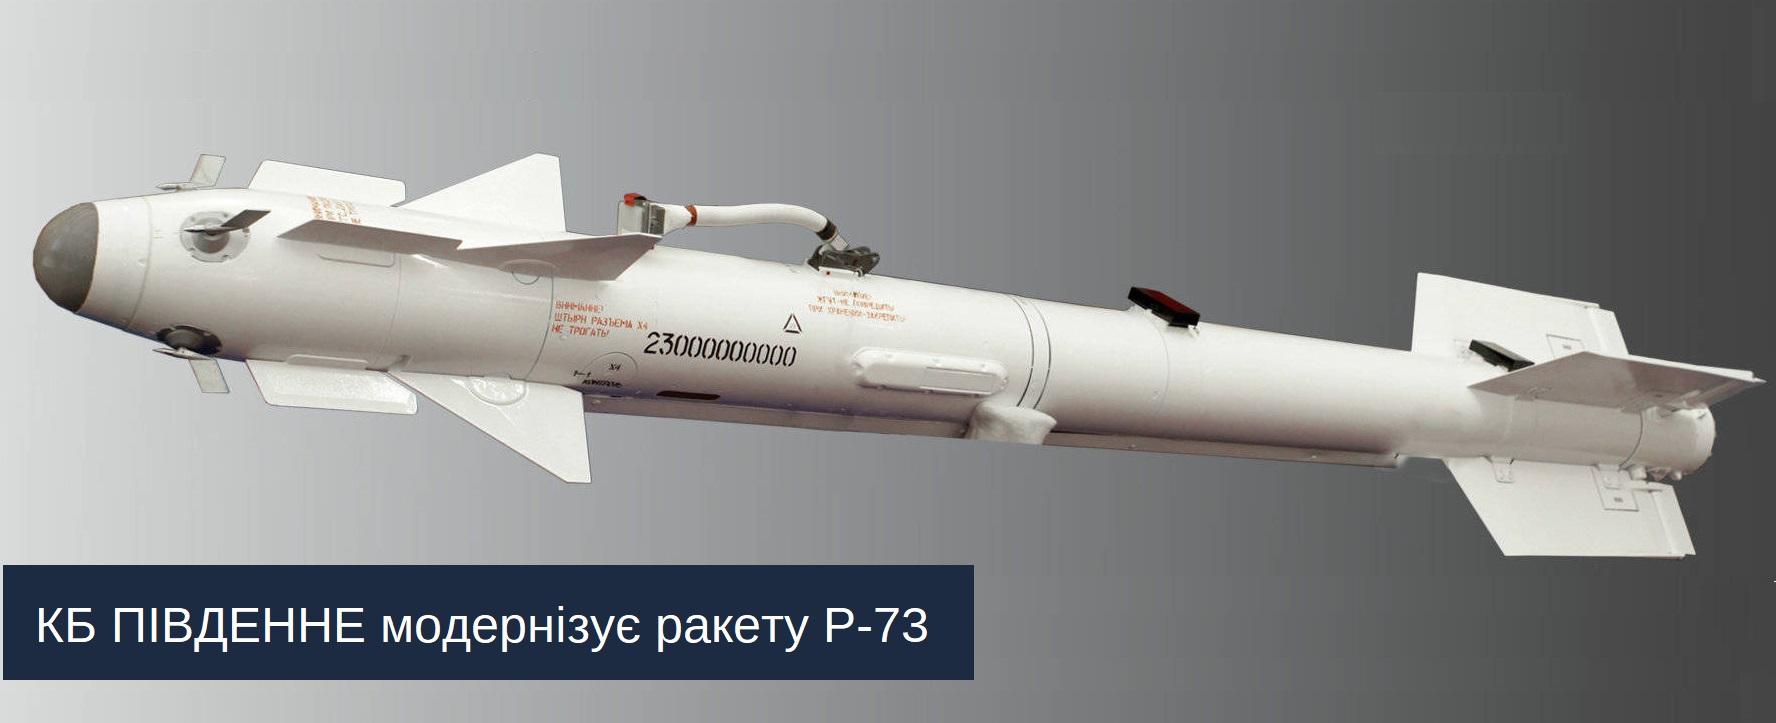 КБ Південне модернізує ракету Р-73